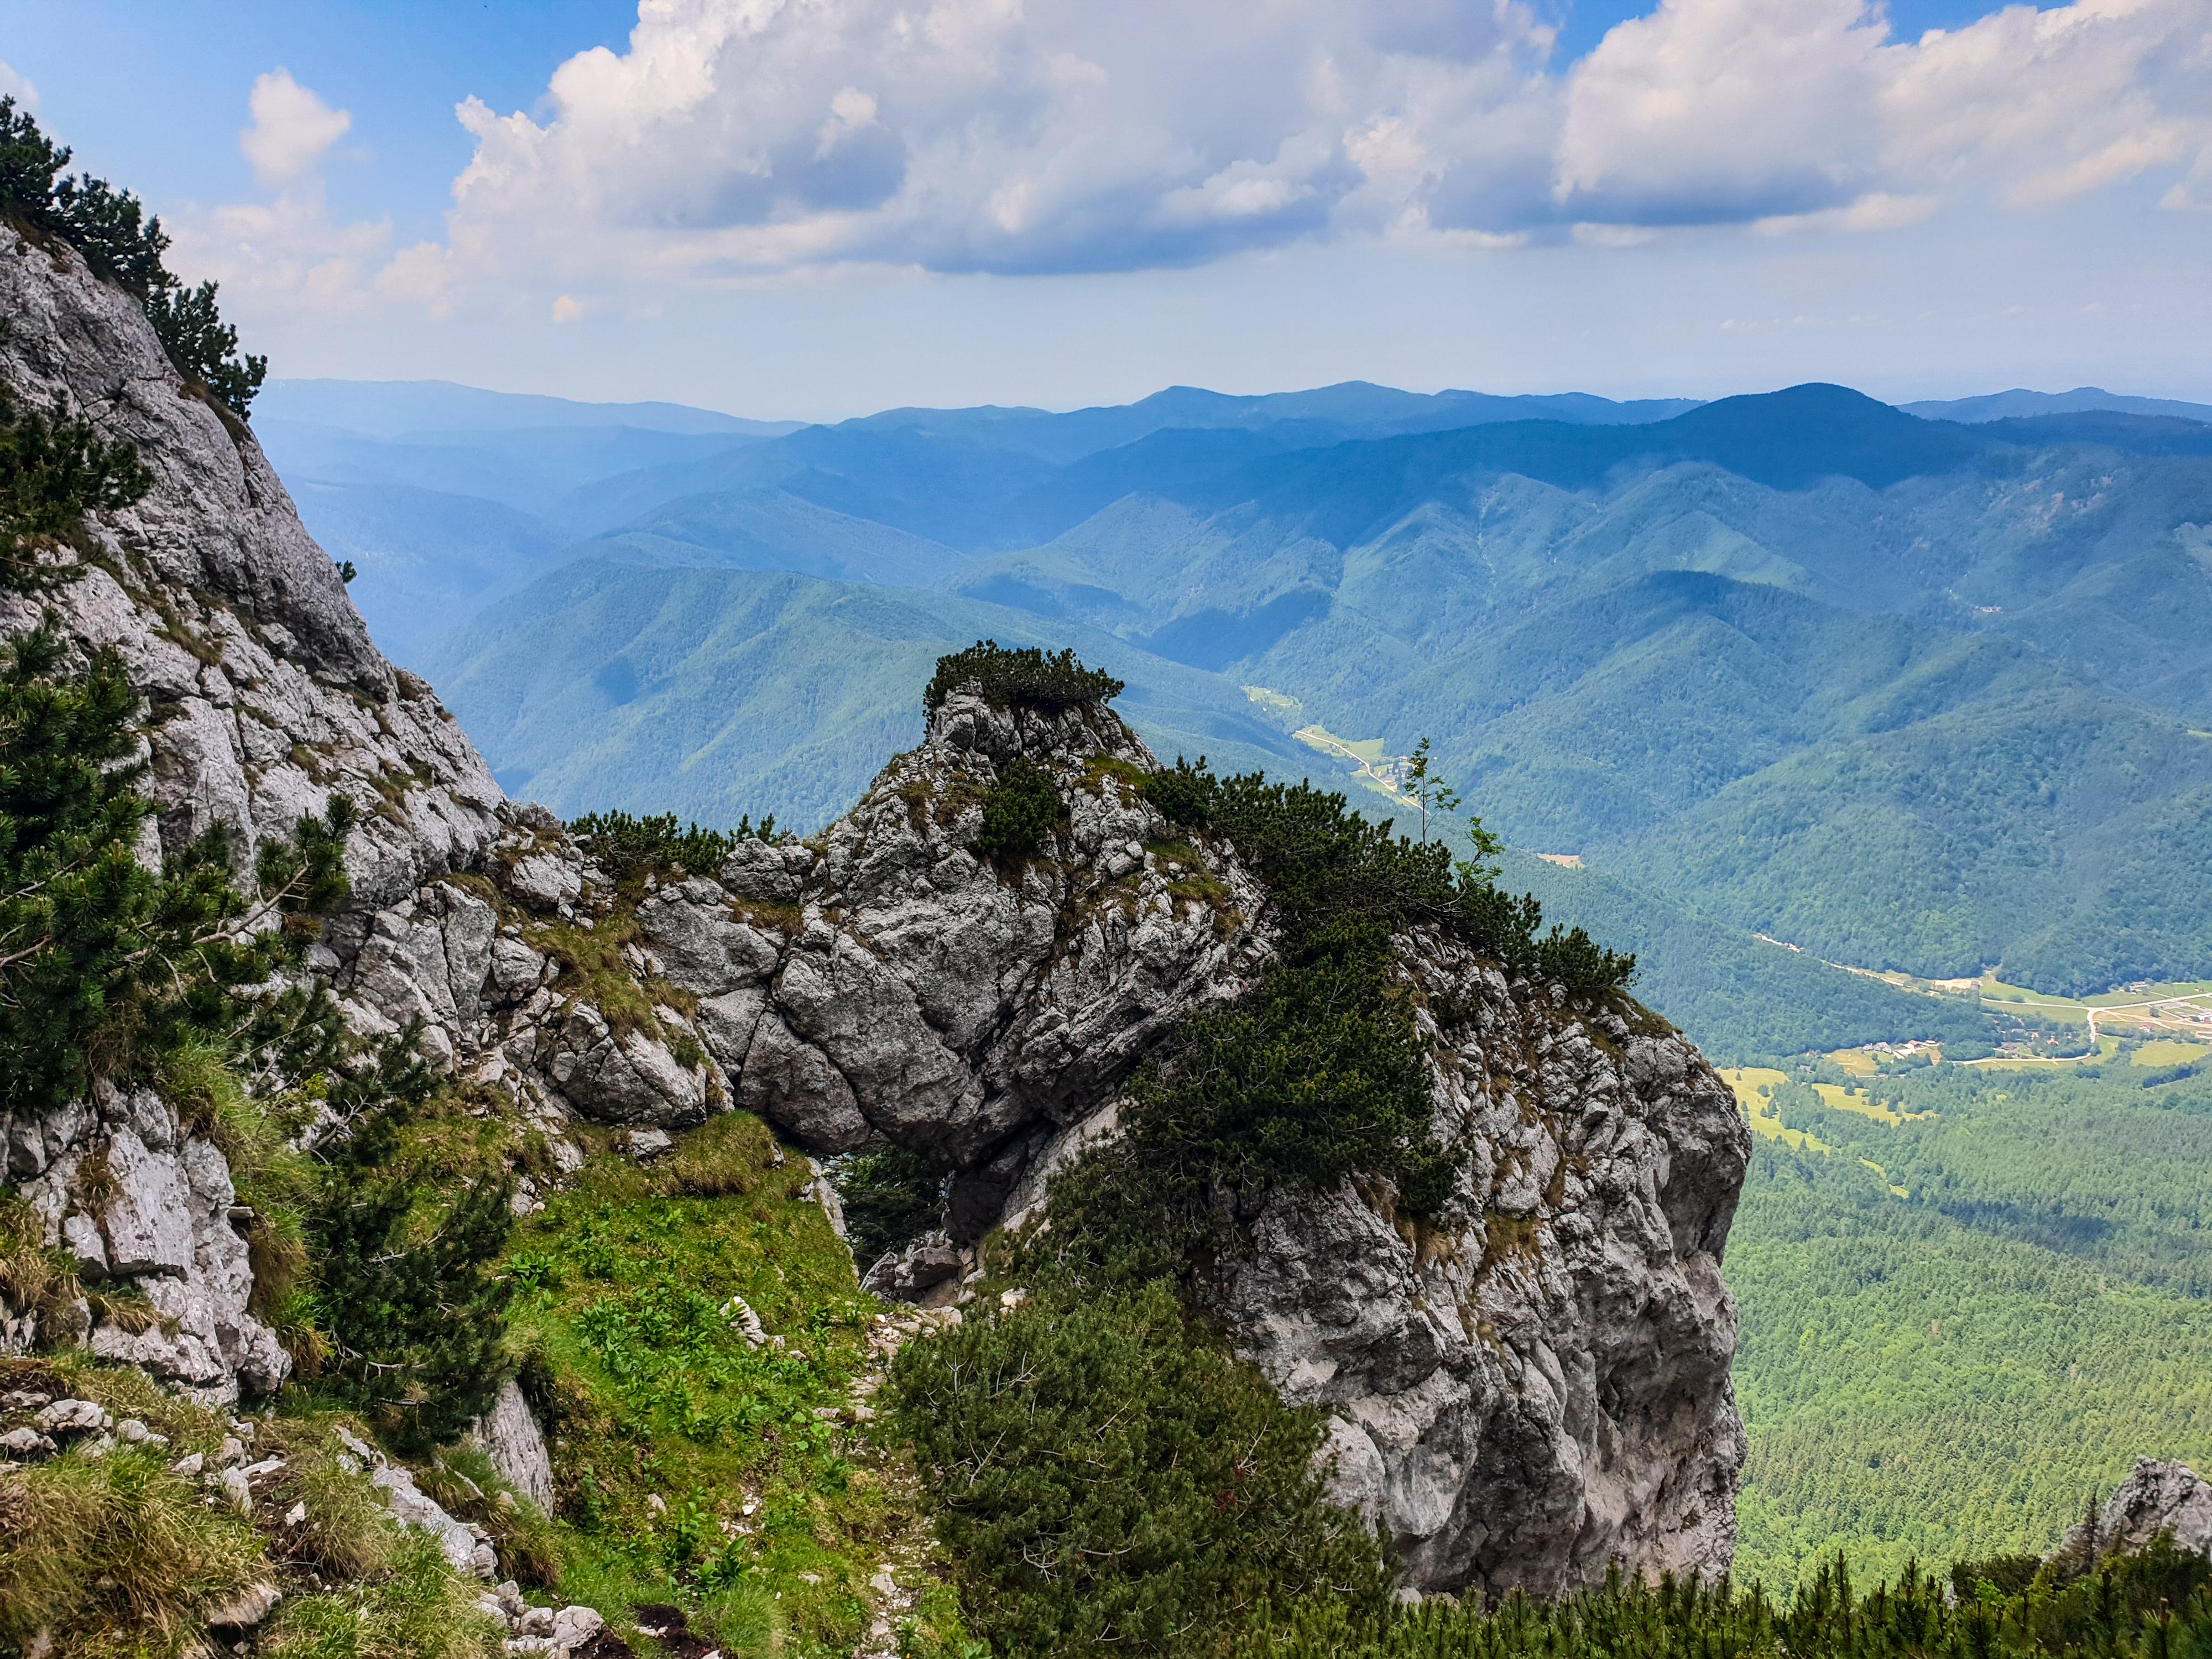 Valcelul cu Fereastra - Braul Cioranga   Piatra Craiului